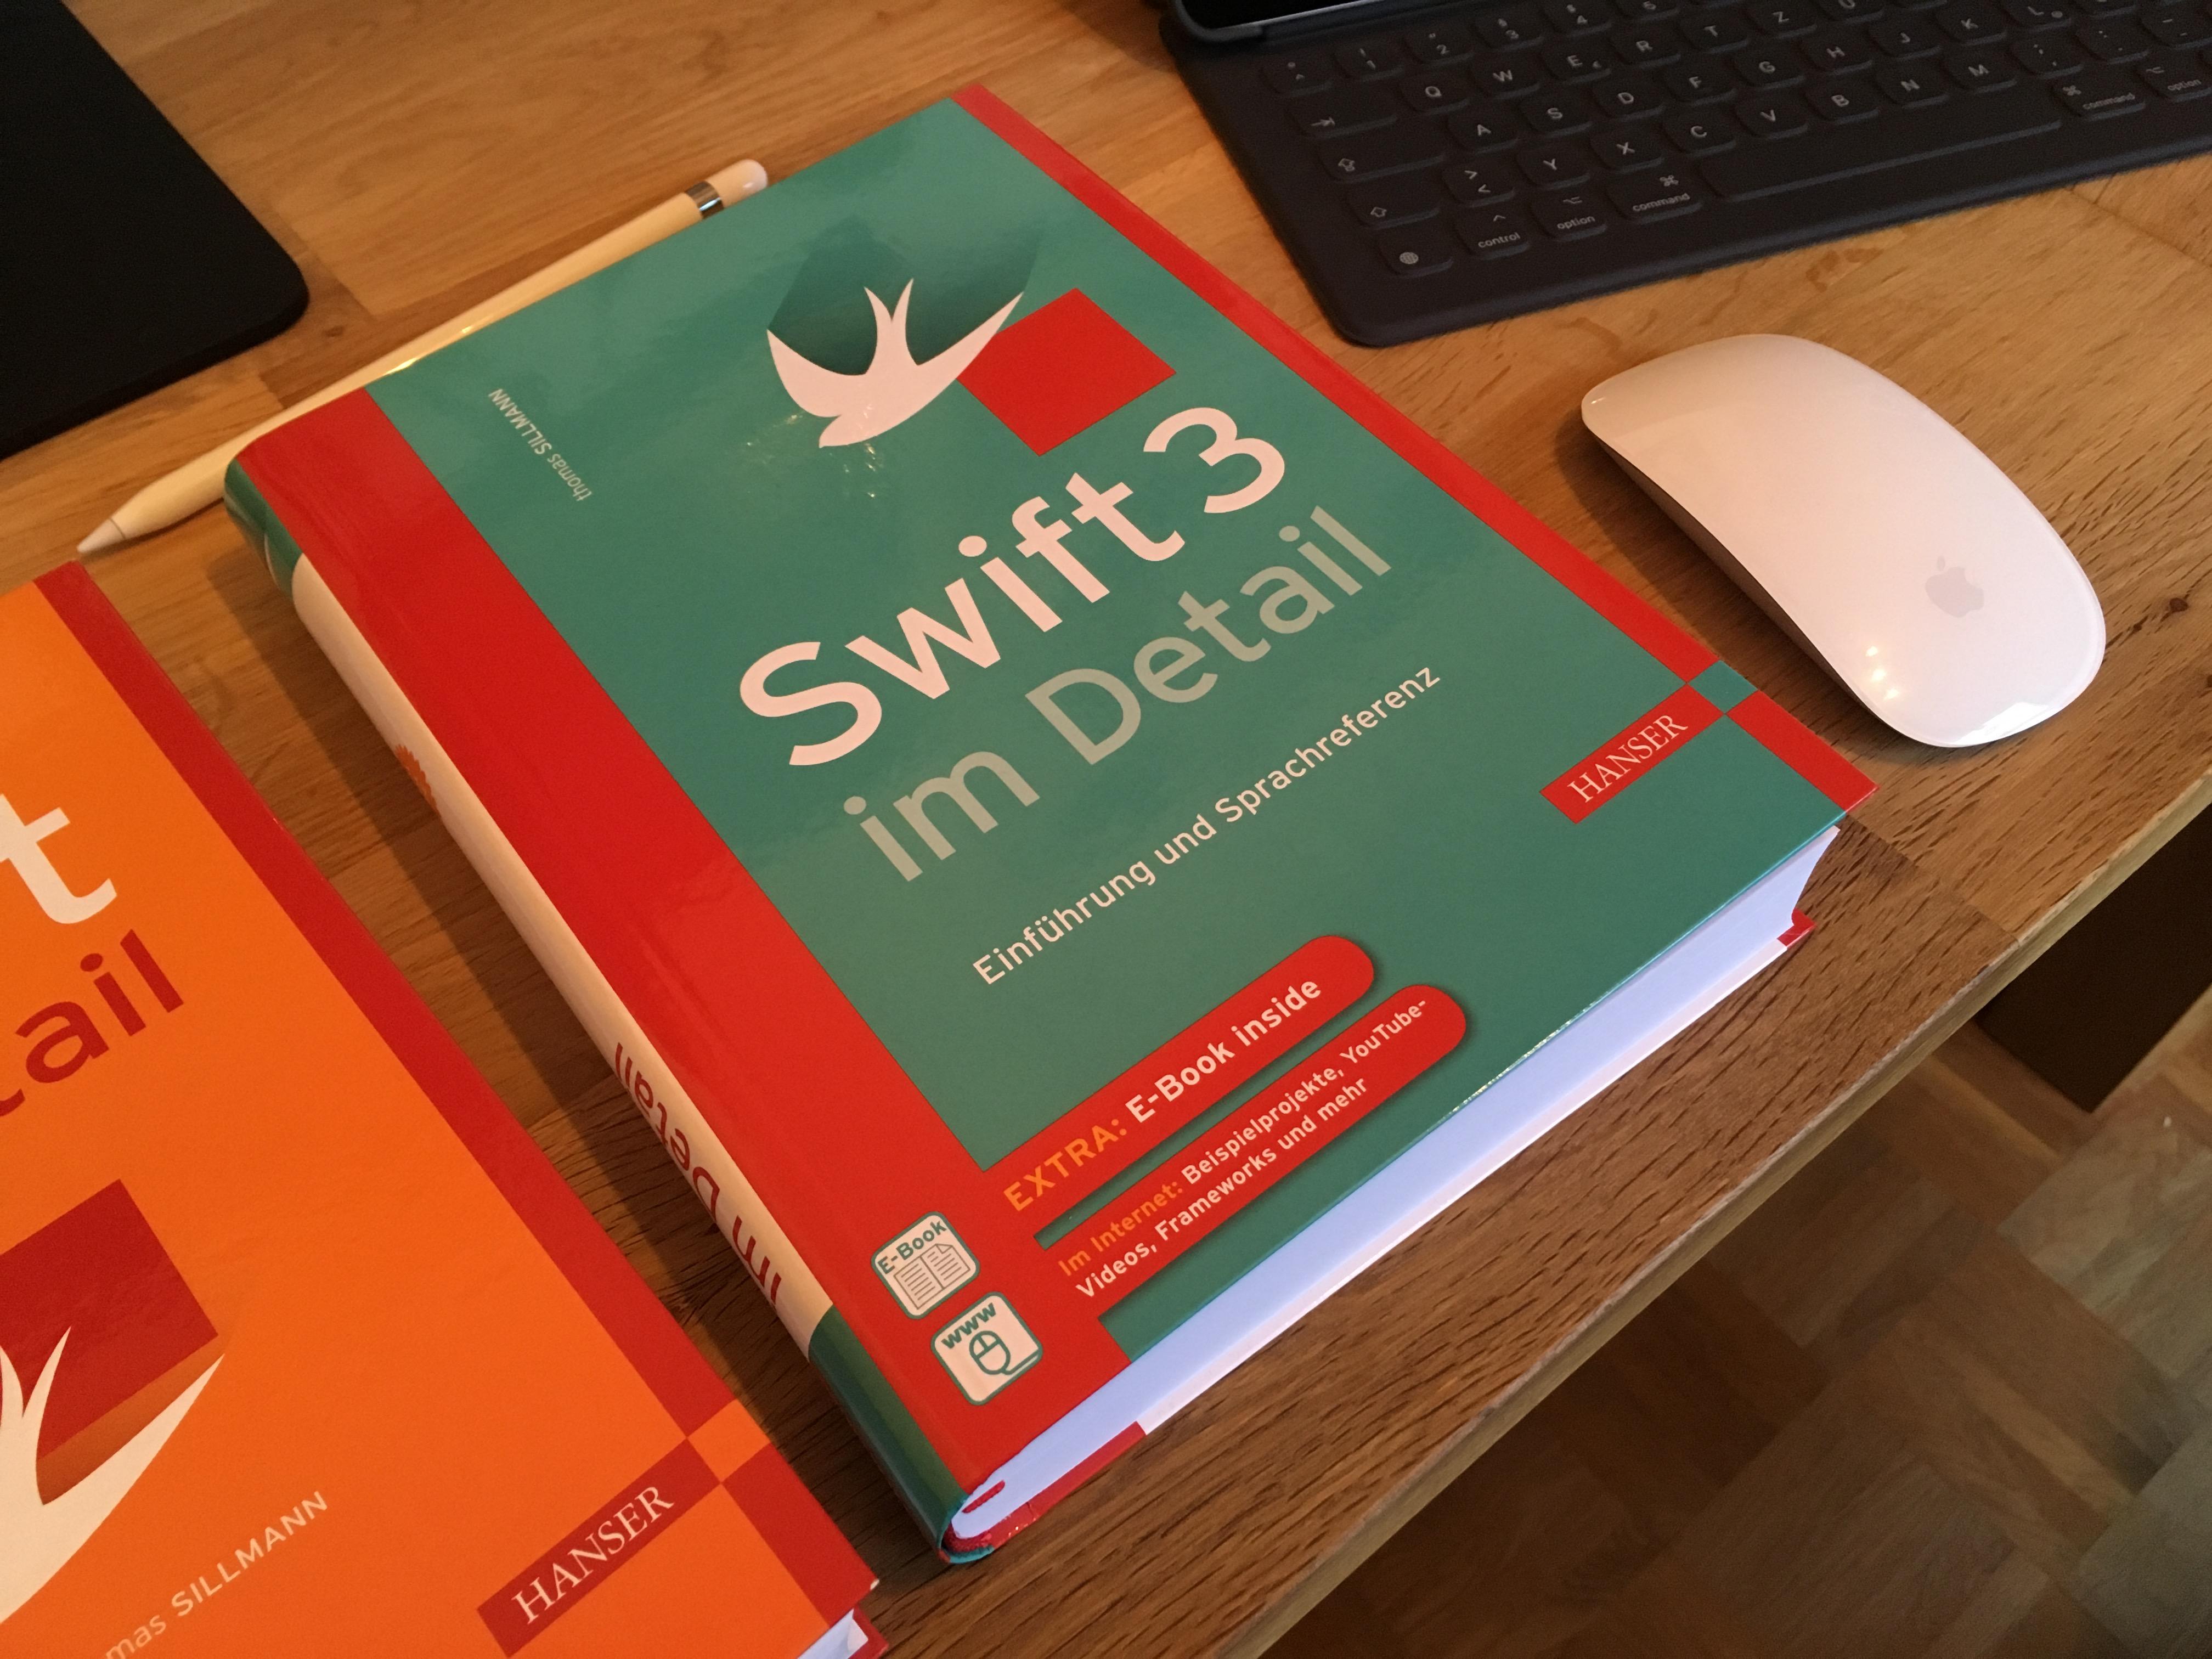 Eine Würdigung für Swift